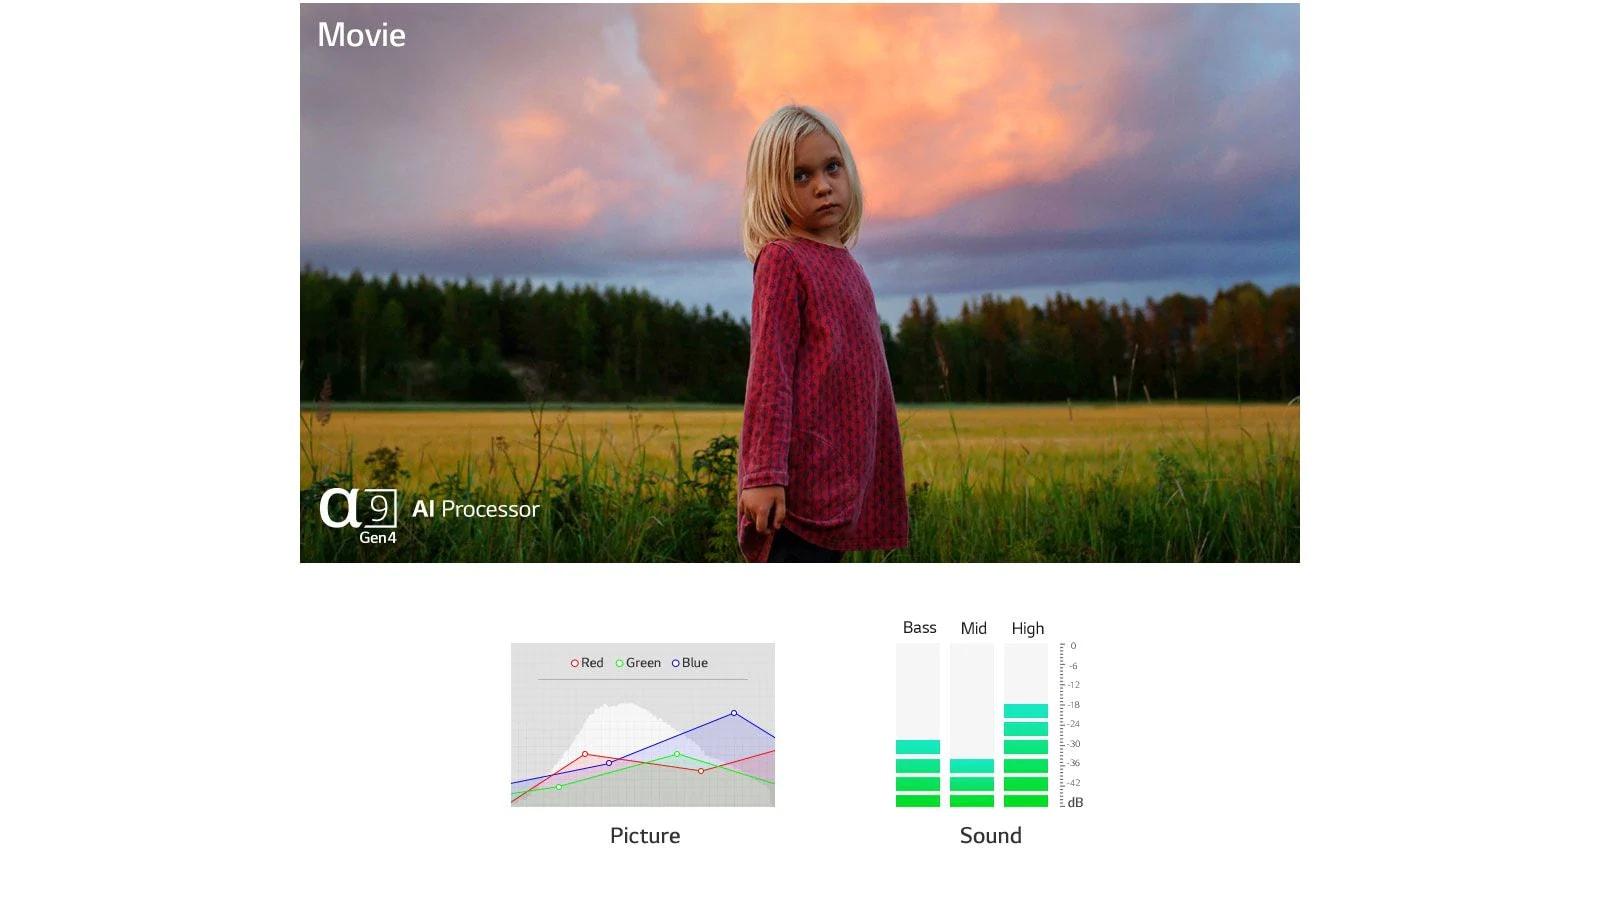 Дві сцени та звук, автоматично оптимізовані на обох зображеннях, створені процесором a9 Gen4 AI (відтворення відео)